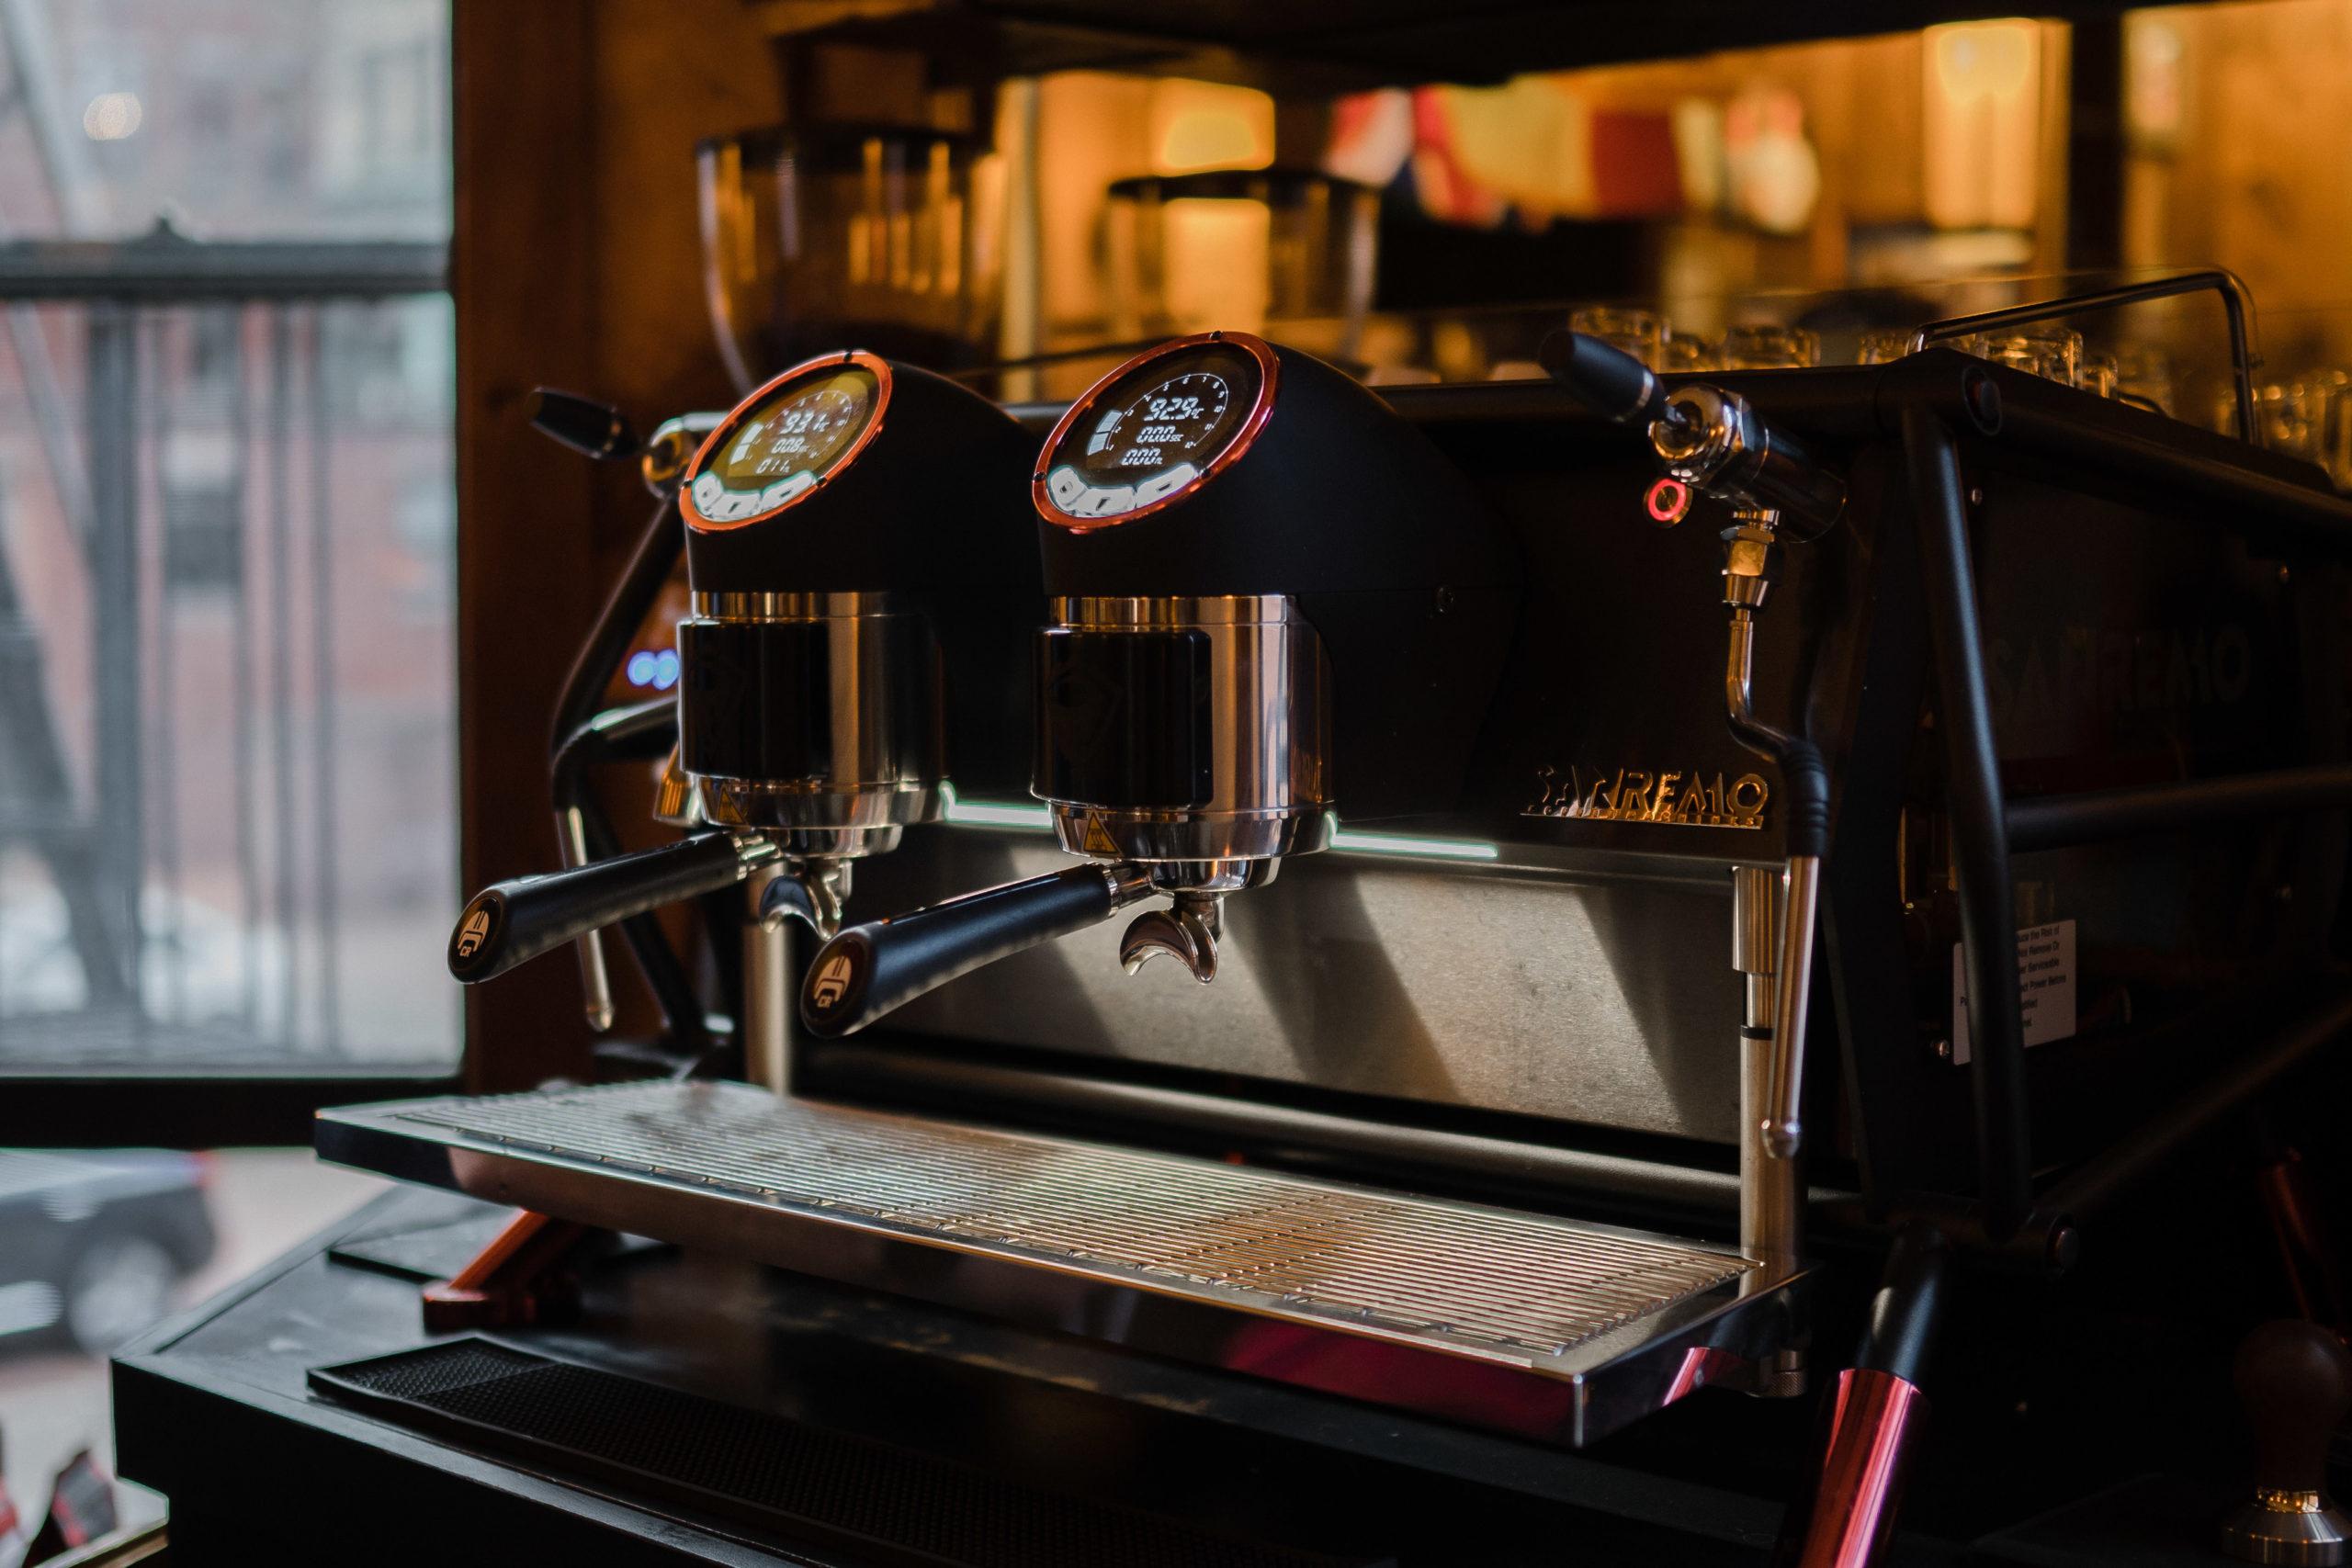 """sanremo café racer, latte art """"width ="""" 2560 """"height ="""" 1707 """"srcset ="""" https://www.horecanews.it/wp-content/uploads/2020/03/Sanremo_Café_Racer_2-scaled.jpg 2560w, https: / /www.horecanews.it/wp-content/uploads/2020/03/Sanremo_Café_Racer_2-300x200.jpg 300w, https://www.horecanews.it/wp-content/uploads/2020/03/Sanremo_Café_Racer_2-1024x683.jpg , https://www.horecanews.it/wp-content/uploads/2020/03/Sanremo_Café_Racer_2-768x512.jpg 768w, https://www.horecanews.it/wp-content/uploads/2020/03/Sanremo_Café_Racer_2- 1536x1024.jpg 1536w, https://www.horecanews.it/wp-content/uploads/2020/03/Sanremo_Café_Racer_2-2048x1365.jpg 2048w, https://www.horecanews.it/wp-content/uploads/2020/ 03 / Sanremo_Café_Racer_2-630x420.jpg 630w, https://www.horecanews.it/wp-content/uploads/2020/03/Sanremo_Café_Racer_2-681x454.jpg 681w """"tailles ="""" (largeur max: 2560px) 100xw"""